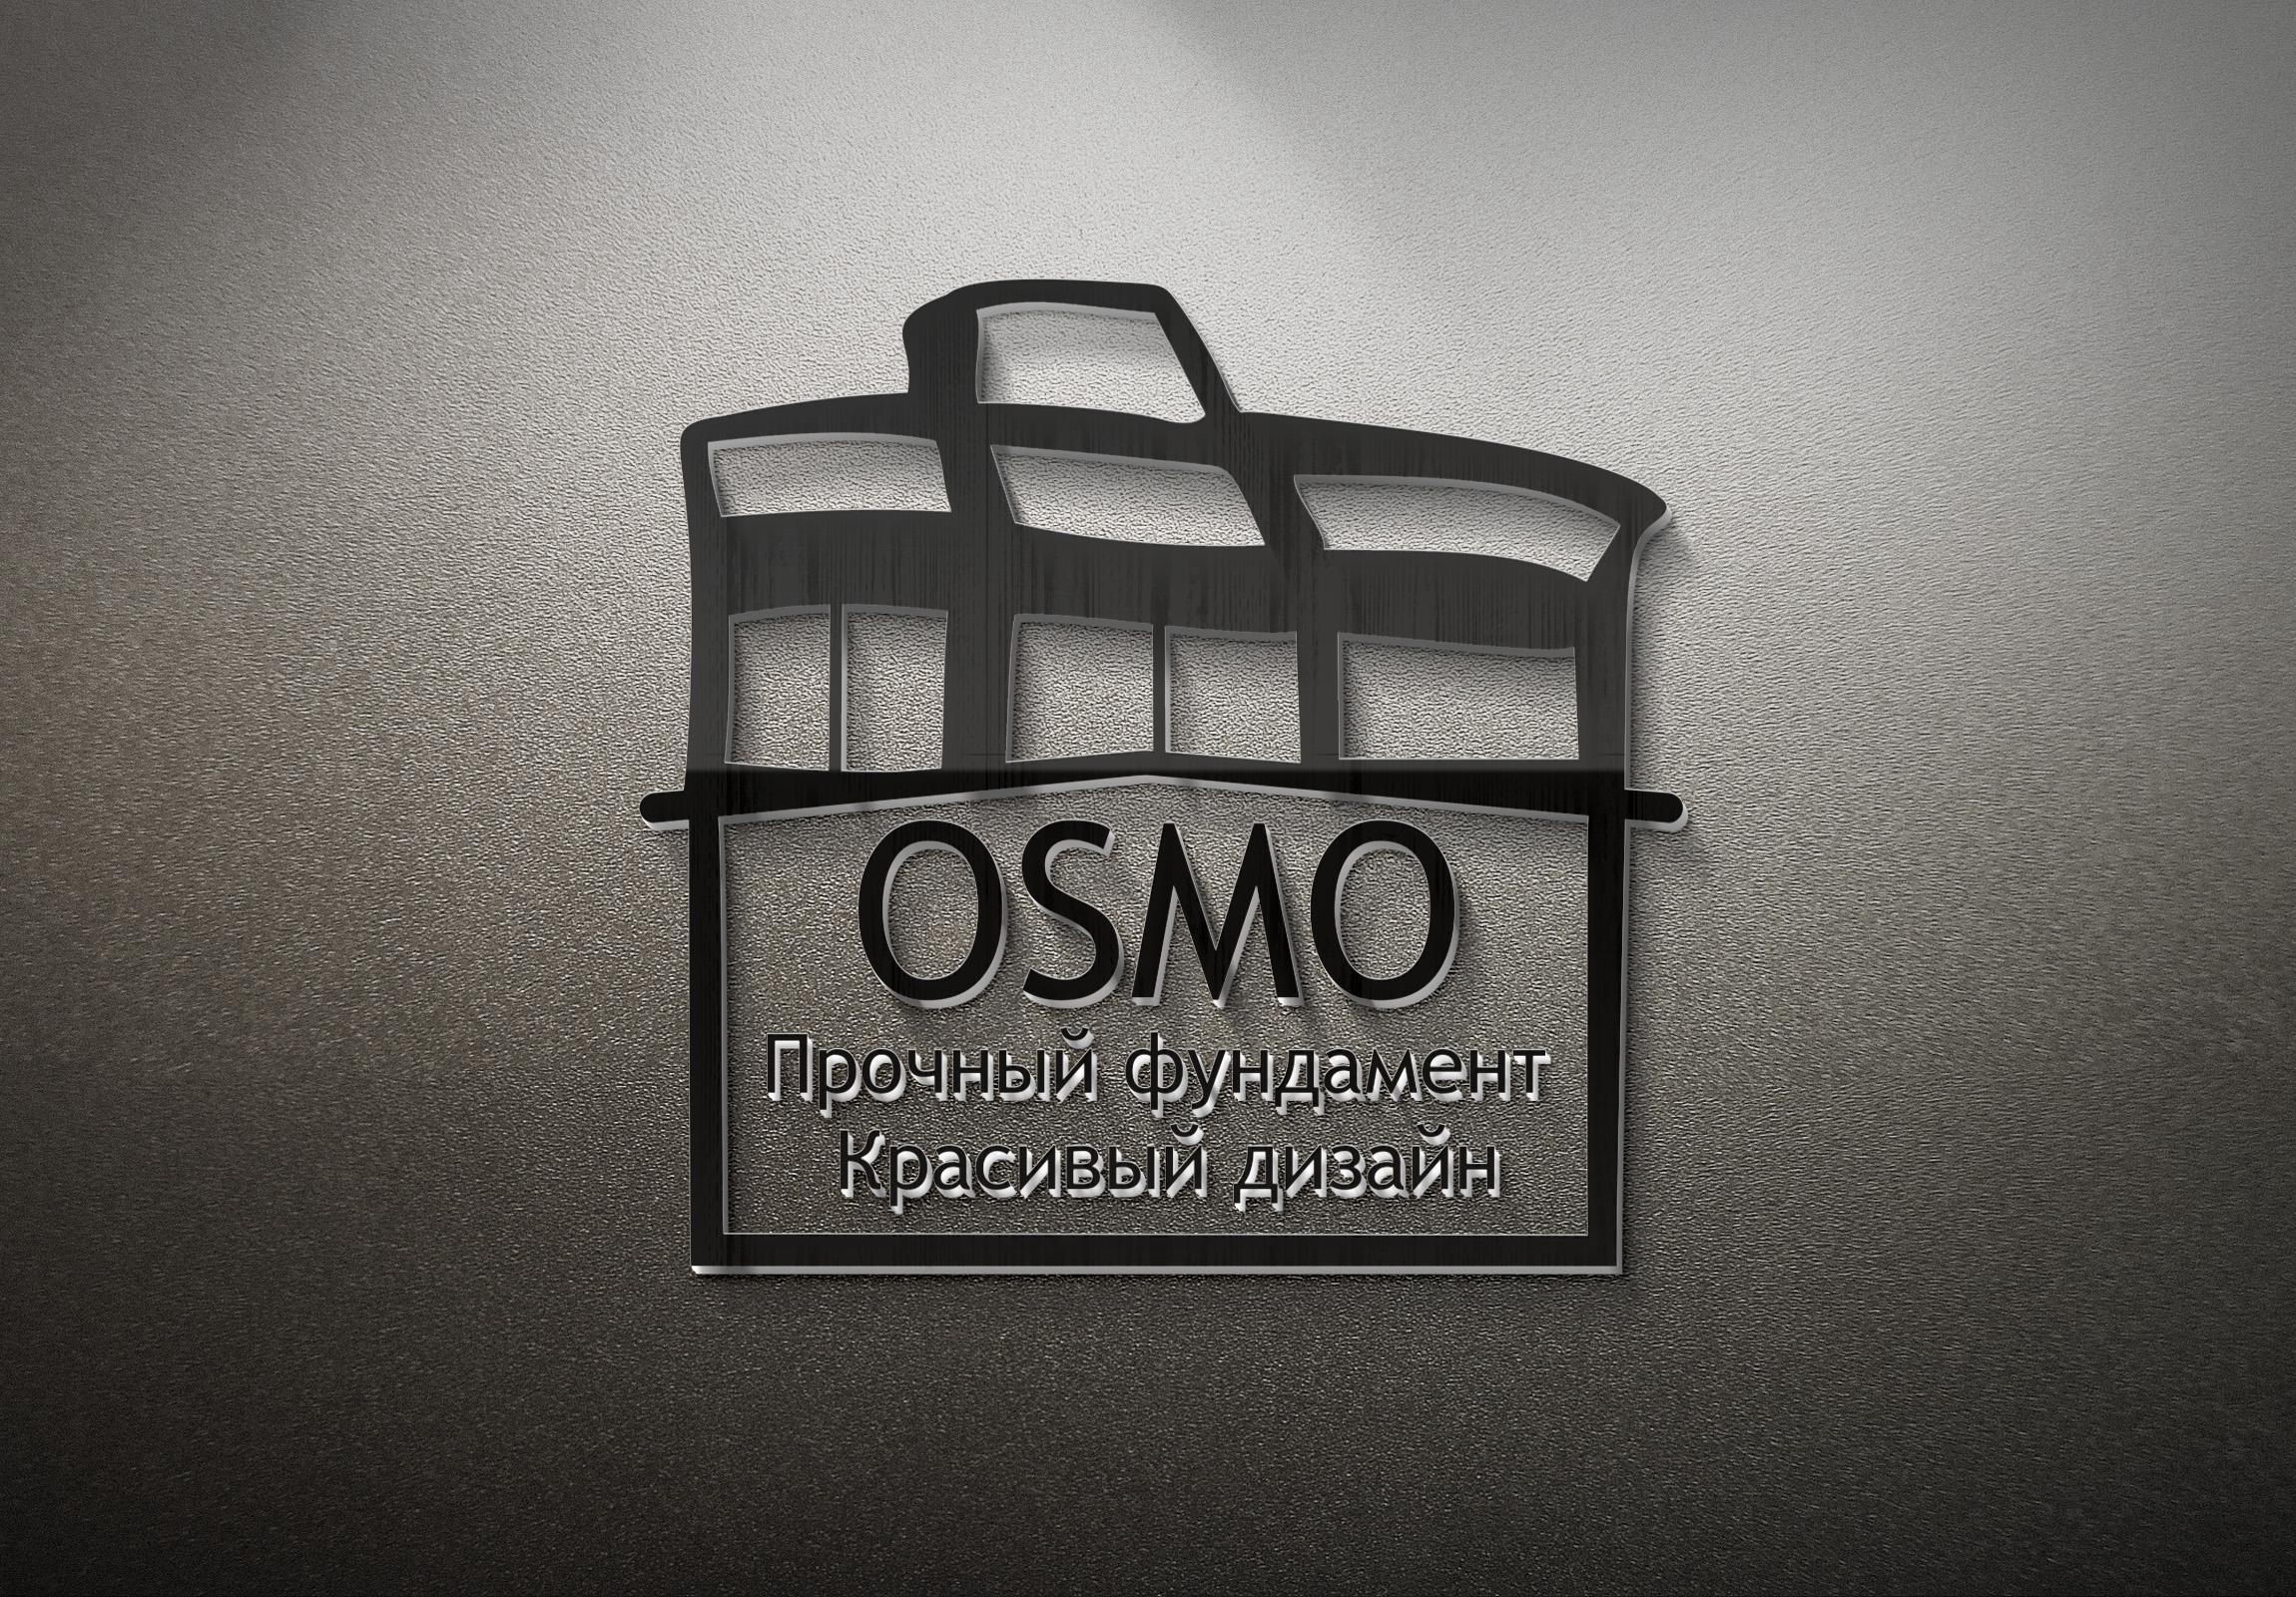 Создание логотипа для строительной компании OSMO group  фото f_08959b5439f17683.jpg